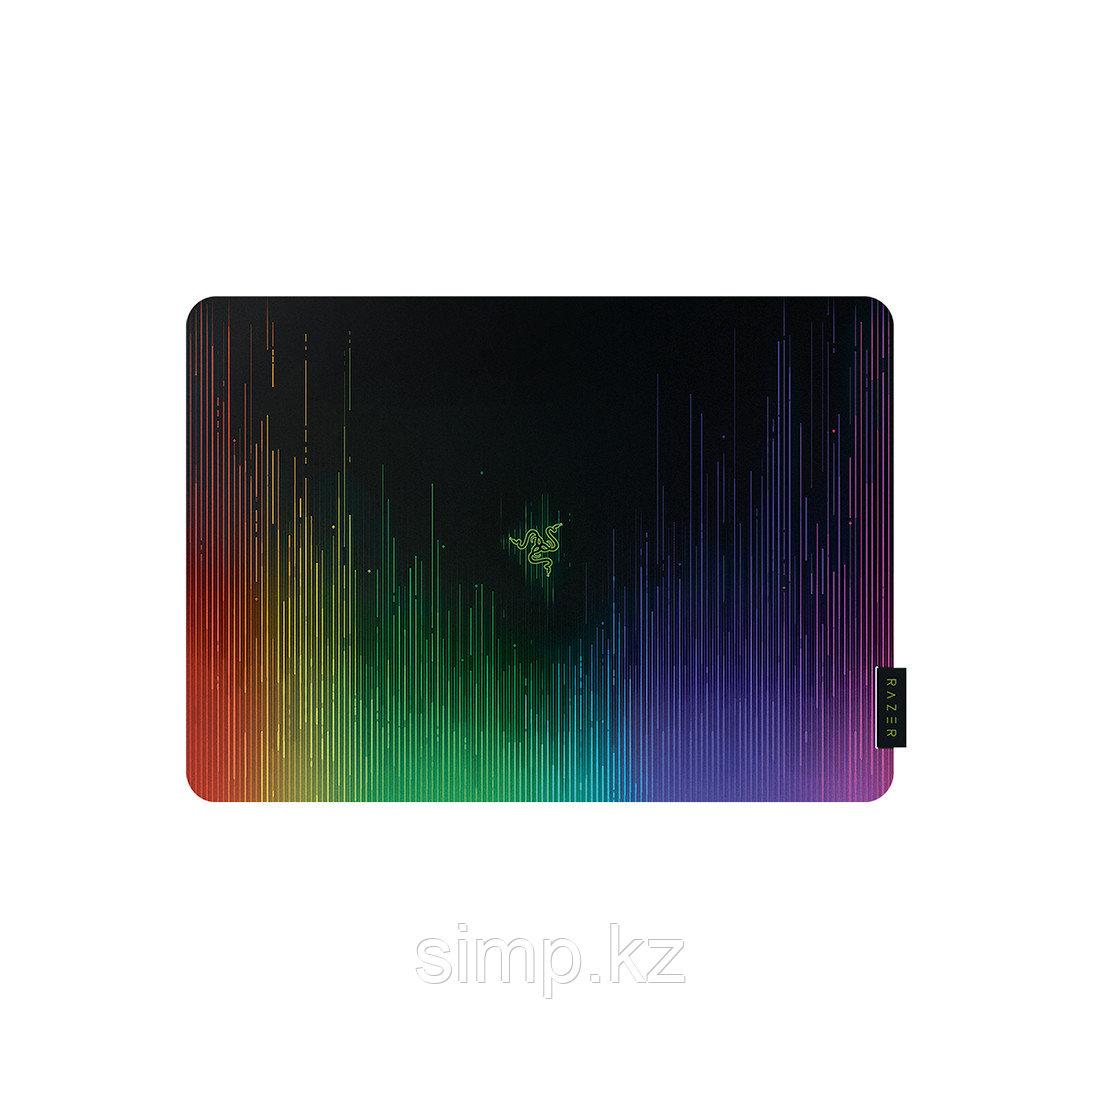 Профессиональные игровые коврики Коврик игровой Razer Sphex V2 Mini